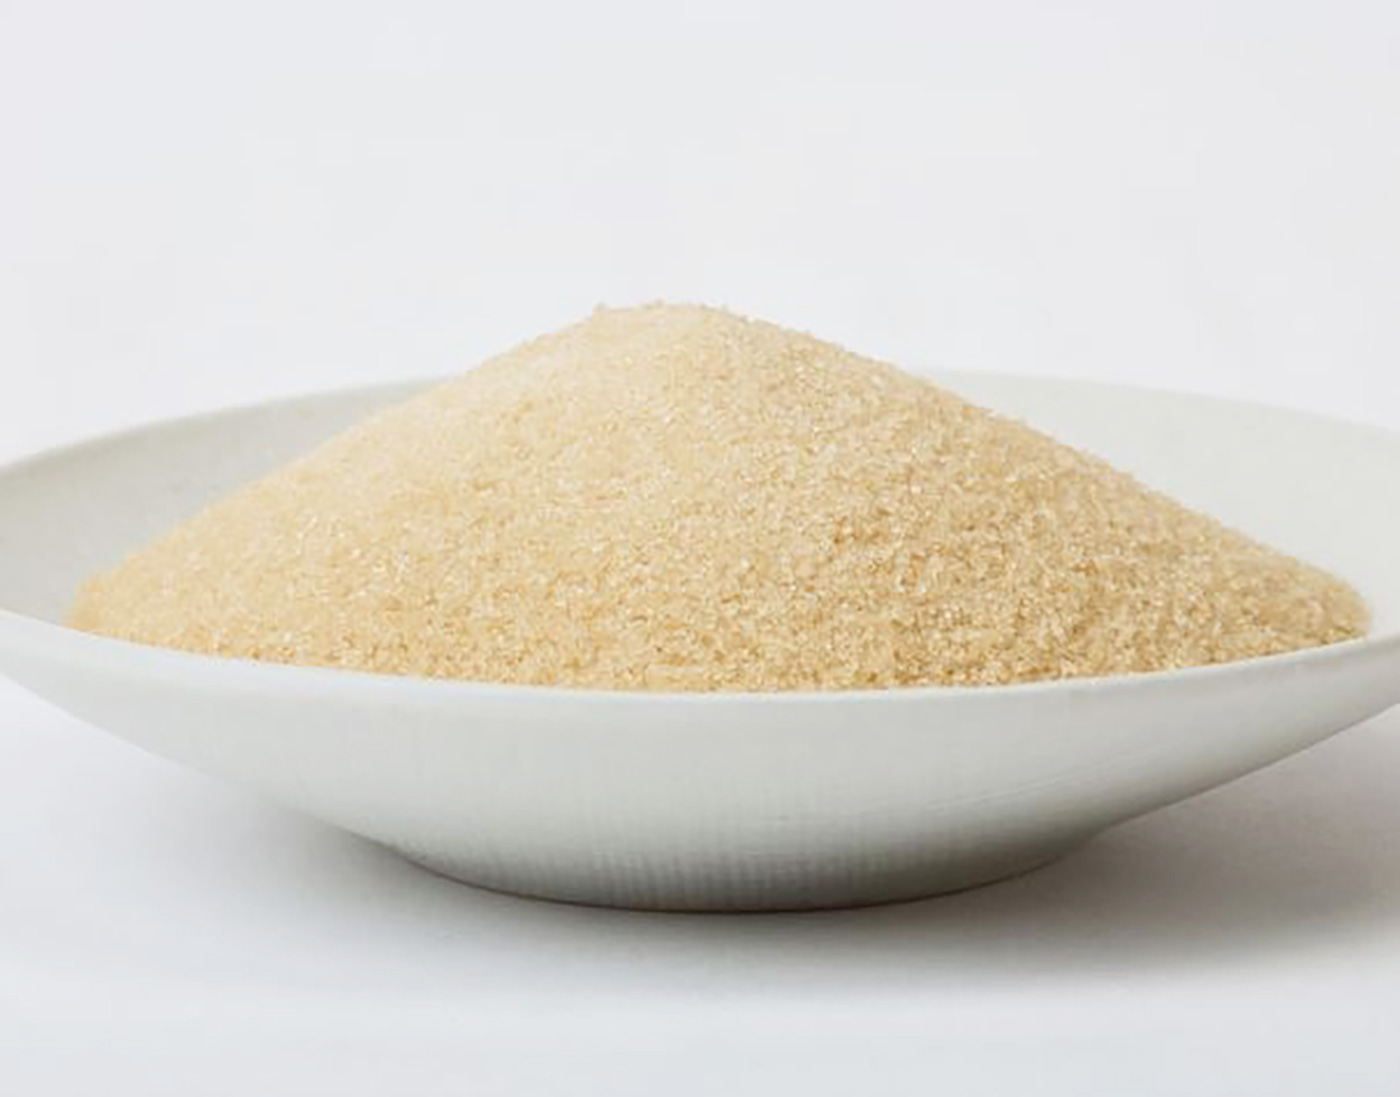 비정제 사탕수수 파라과이 설탕 유기농 원당(500g/1kg/5kg)/공정무역 유기농 비정제 설탕/사탕수수100% 화학처리NO/친환경 재배 상세이미지2